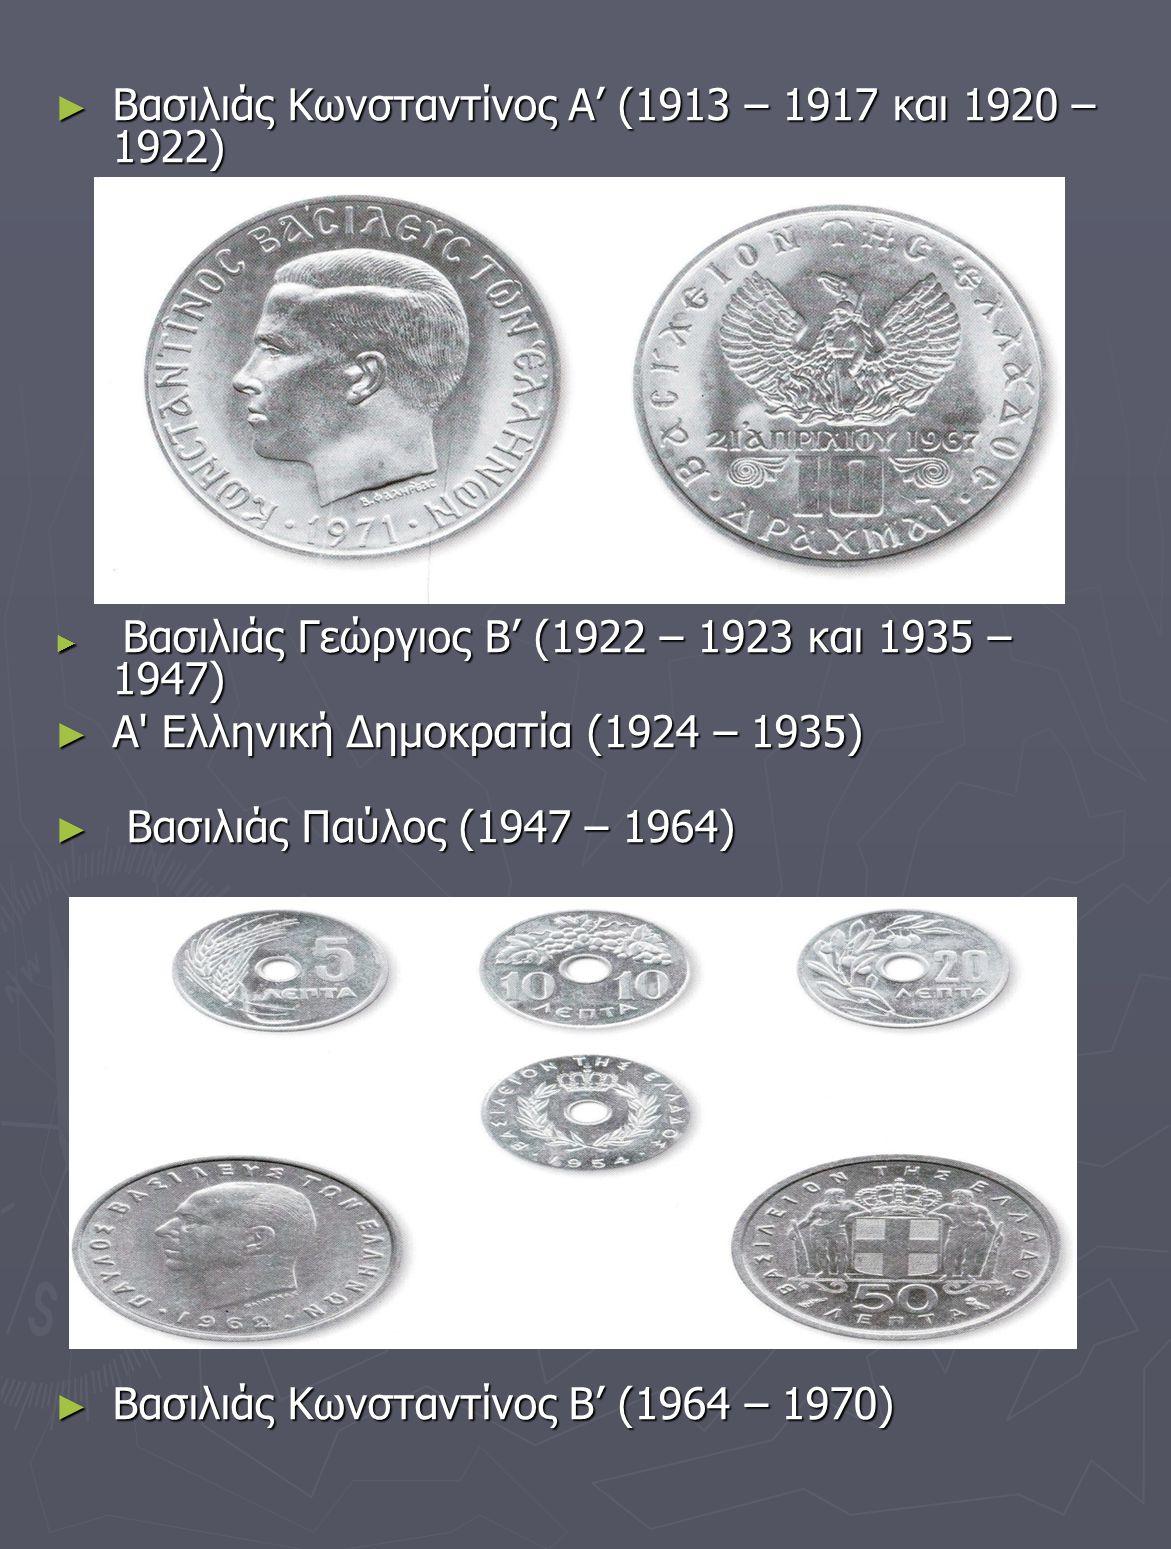 ► Δικτατορική περίοδος (1967 – 1974) ► Γ Ελληνική Δημοκρατία (1976 – 2001)